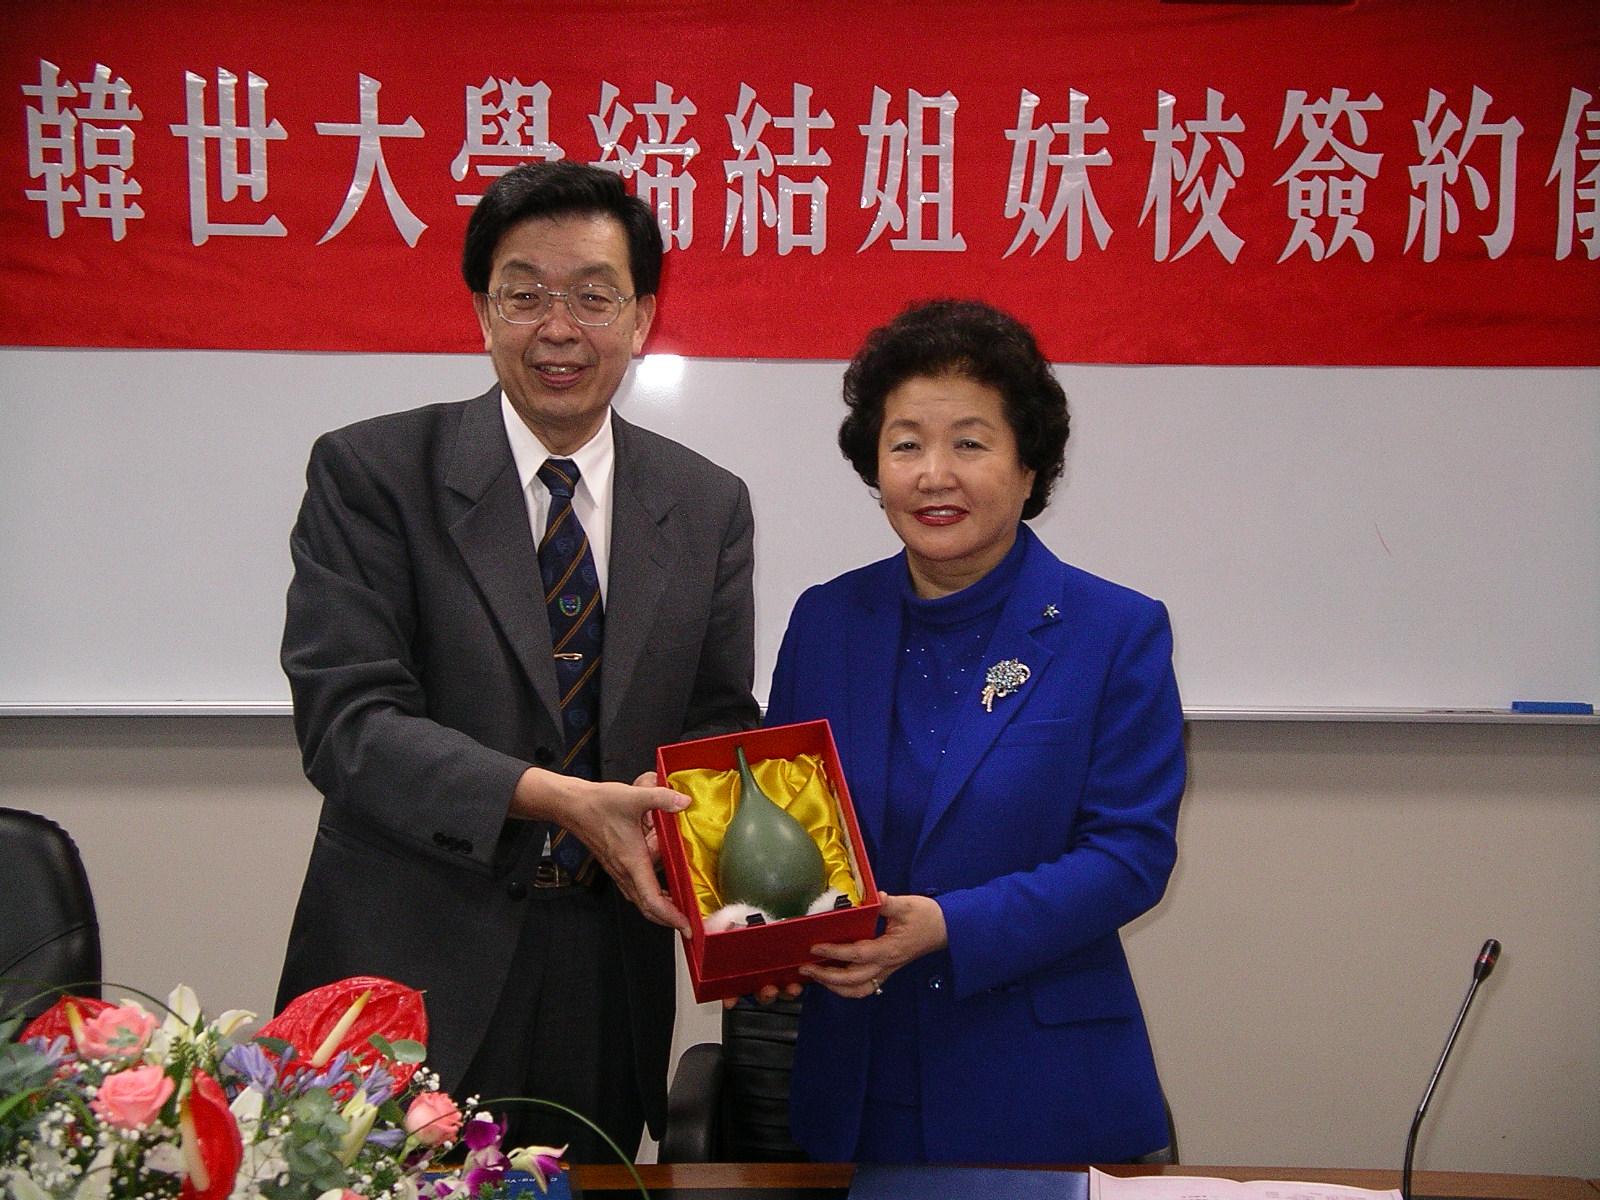 中原大學與韓國韓世大學締結為姊妹校